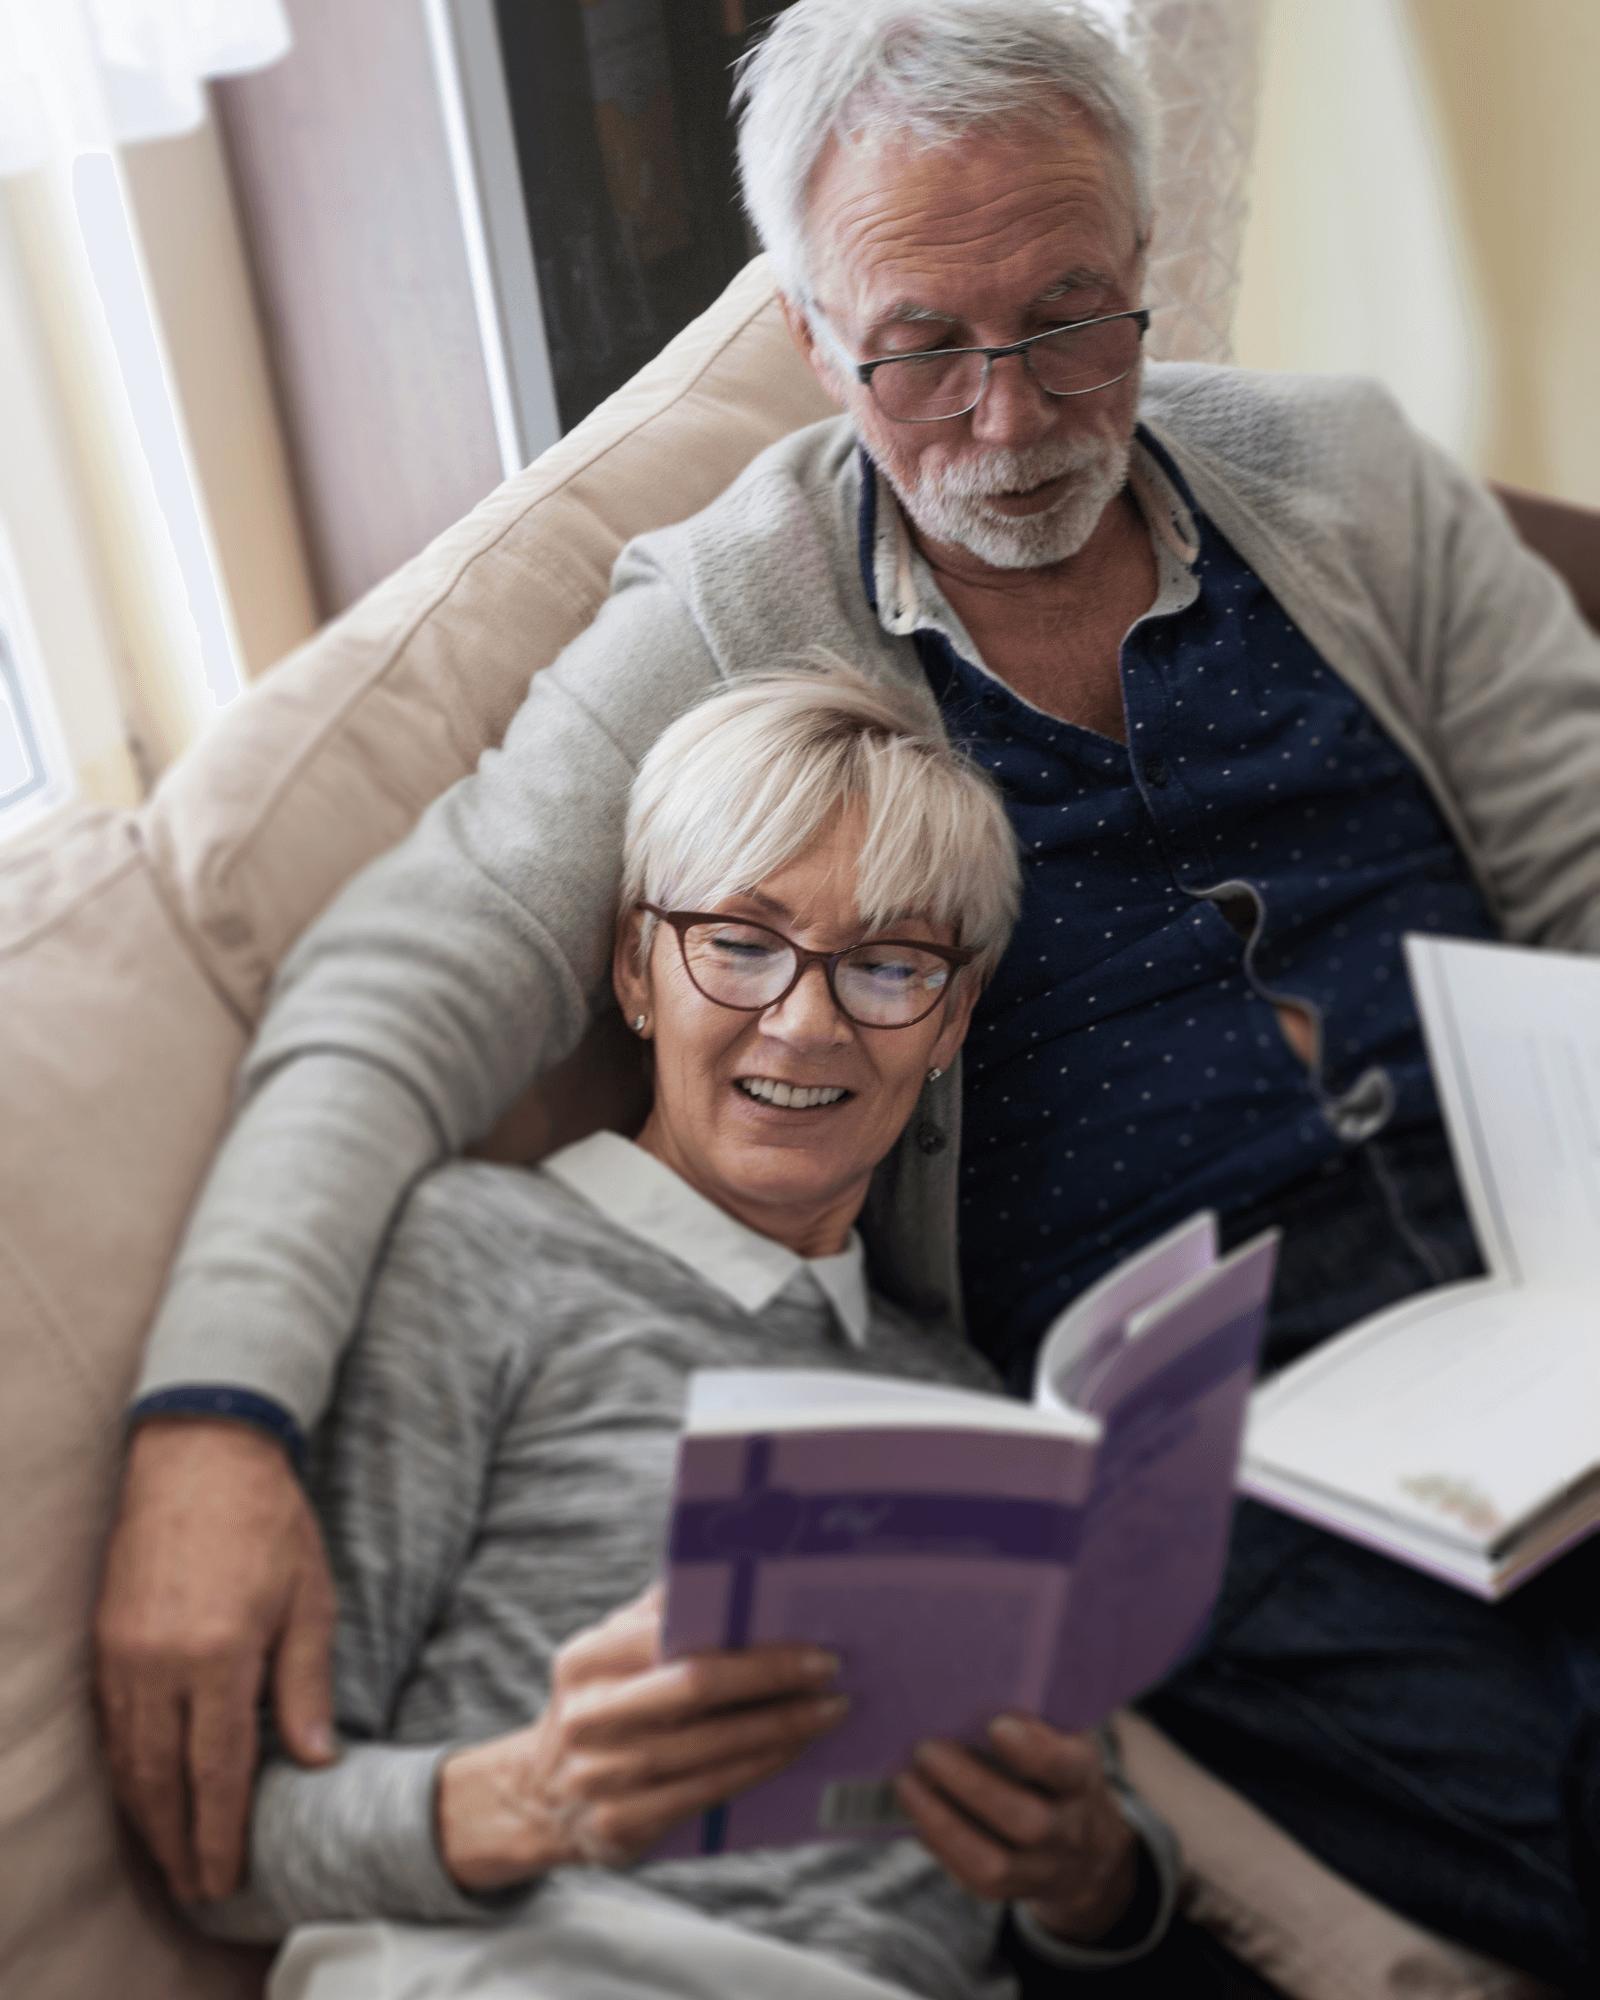 Senioren Lesen statt Fernsehen